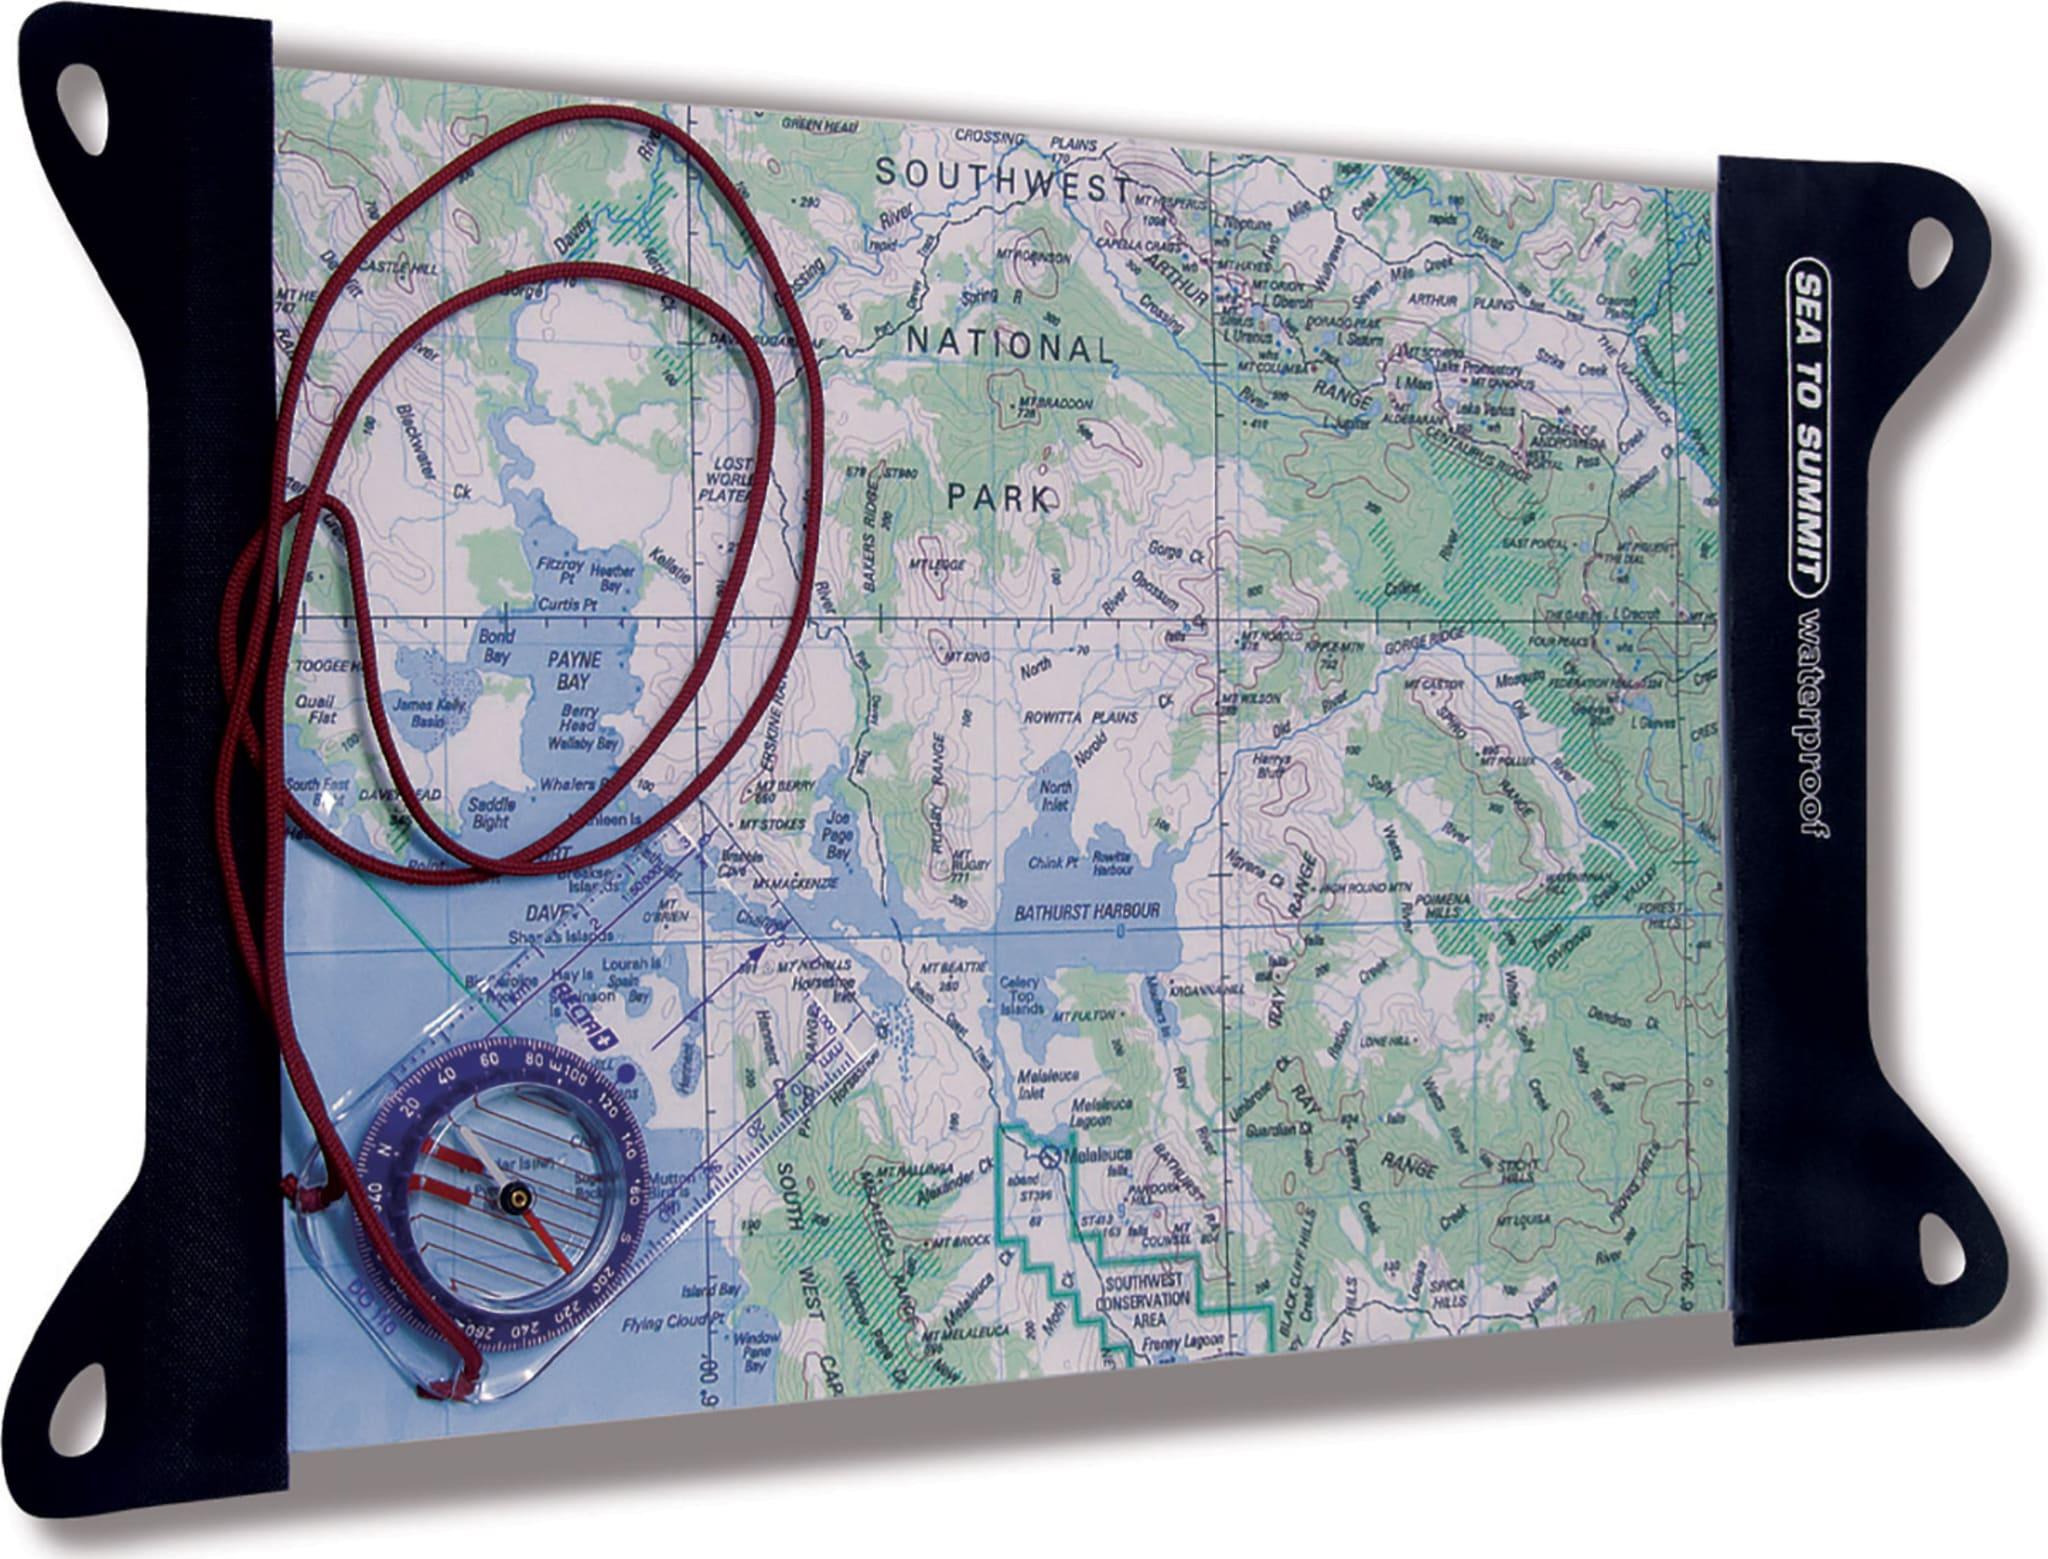 Vann- og støvtett kartmappe laget i gjennomsiktig og slitesterkt TPU-matriale